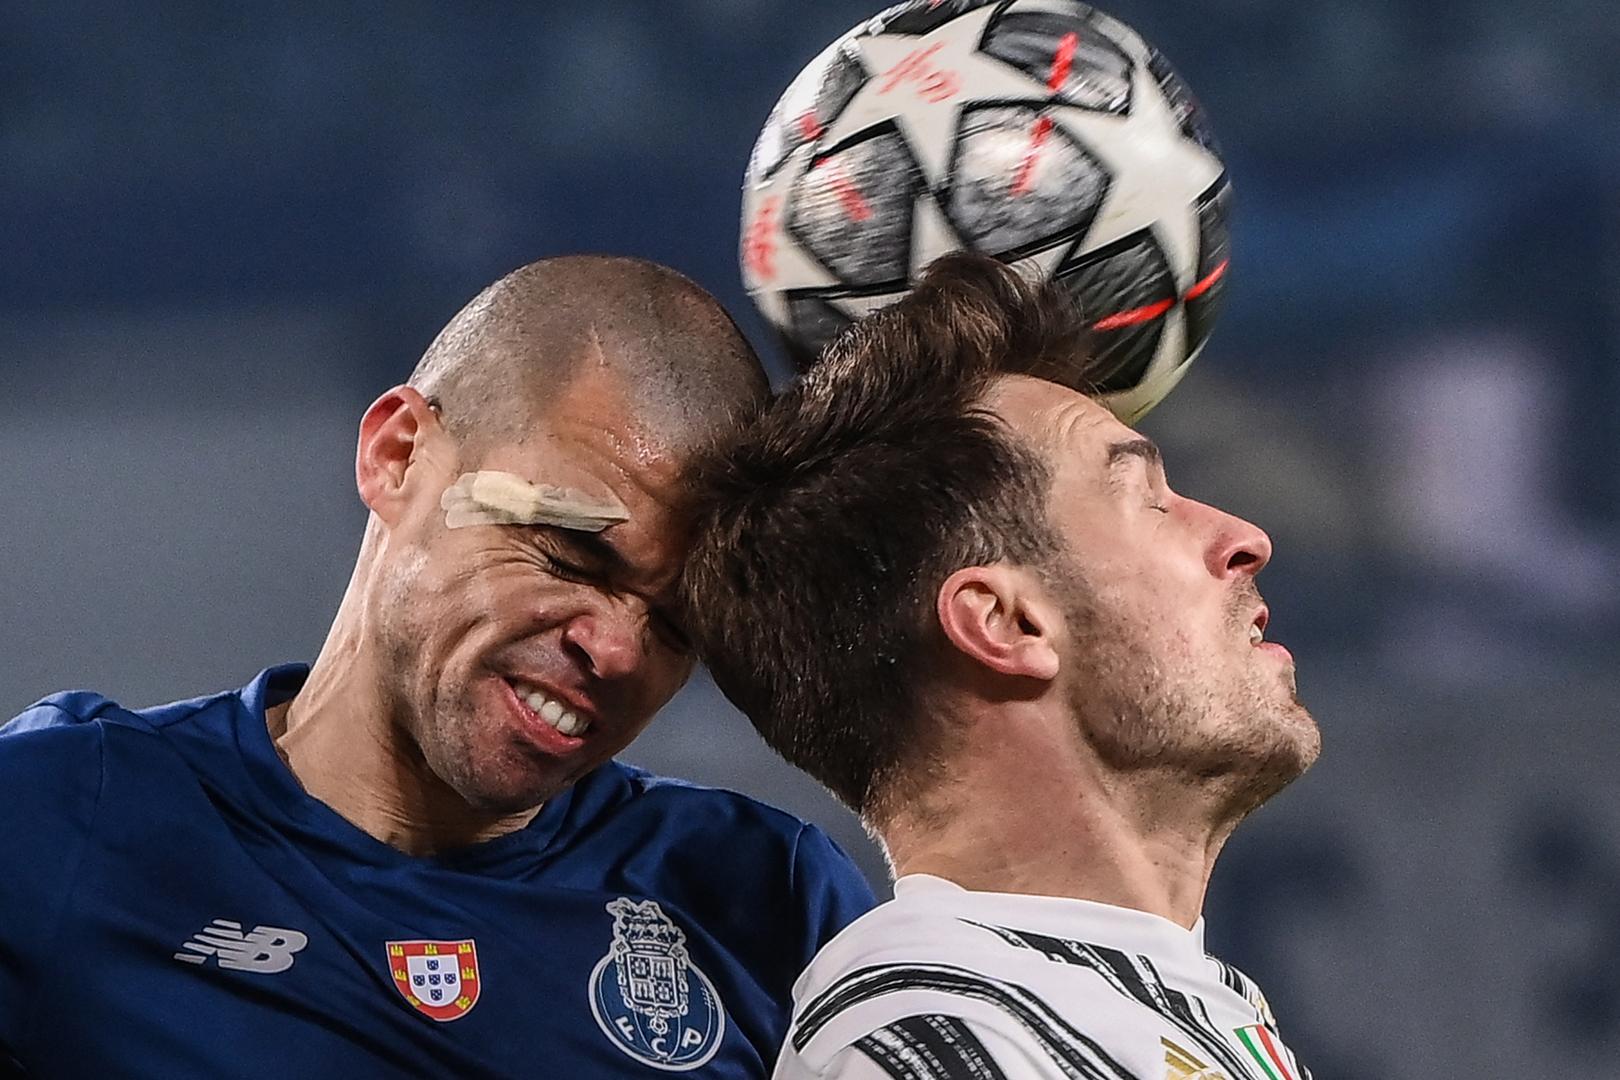 المنتخب البرتغالي يخسر بيبي